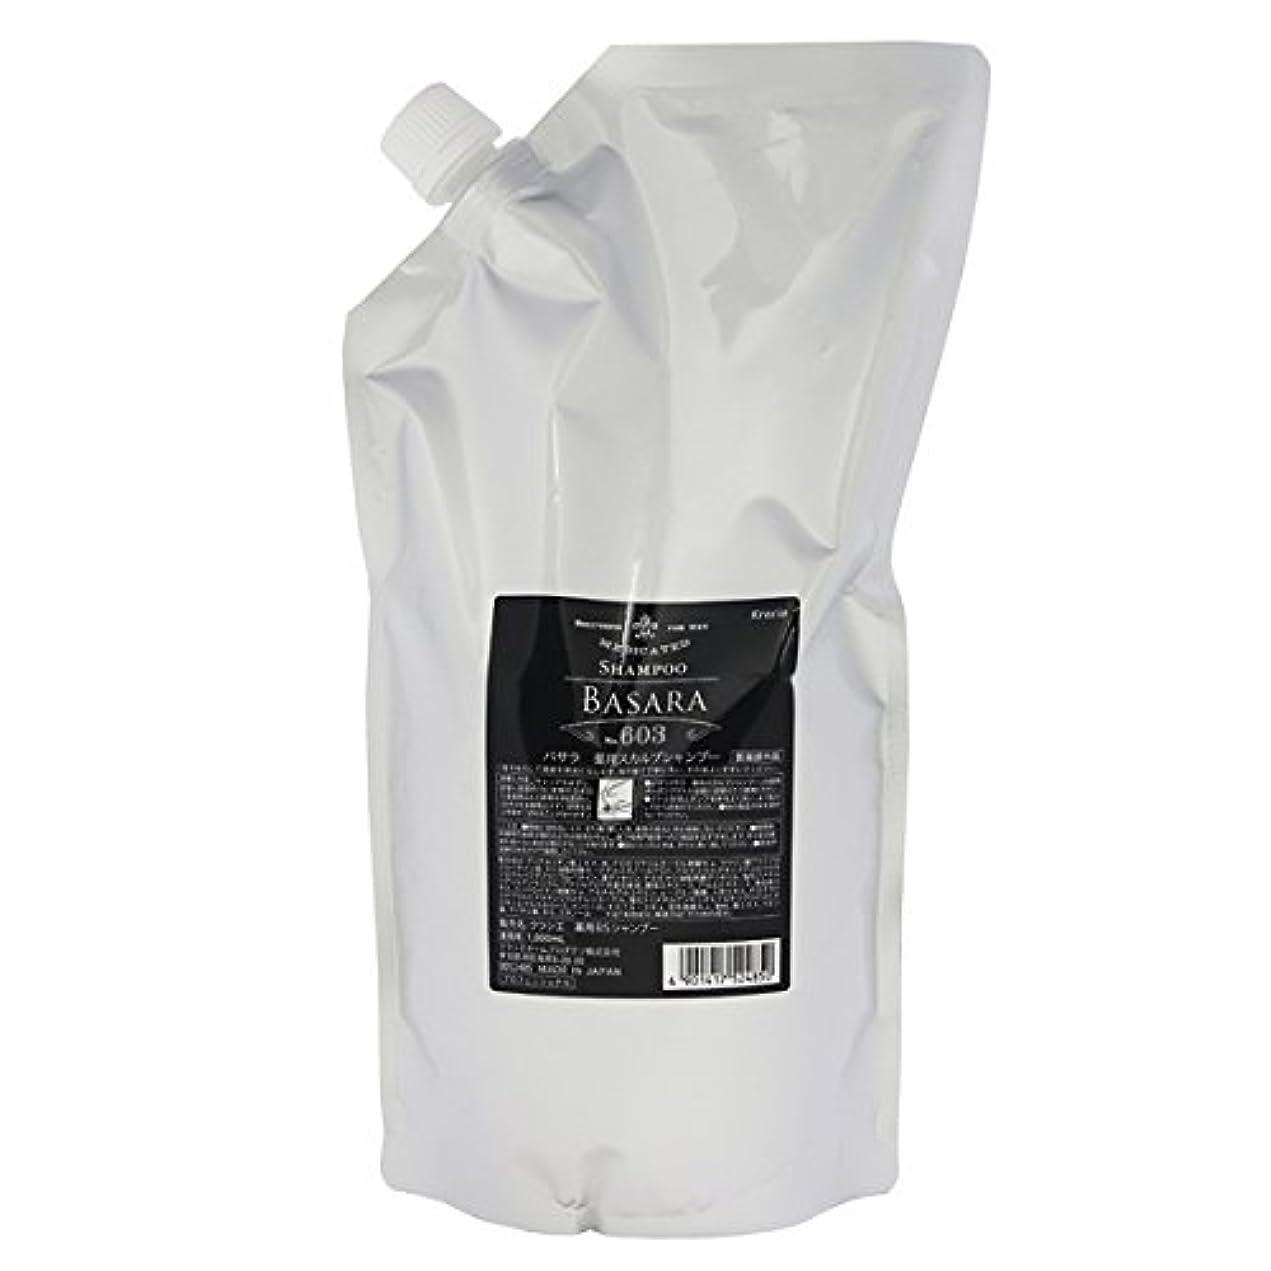 疎外ノミネート有料クラシエ バサラ 薬用スカルプ シャンプー 603 1000ml レフィル